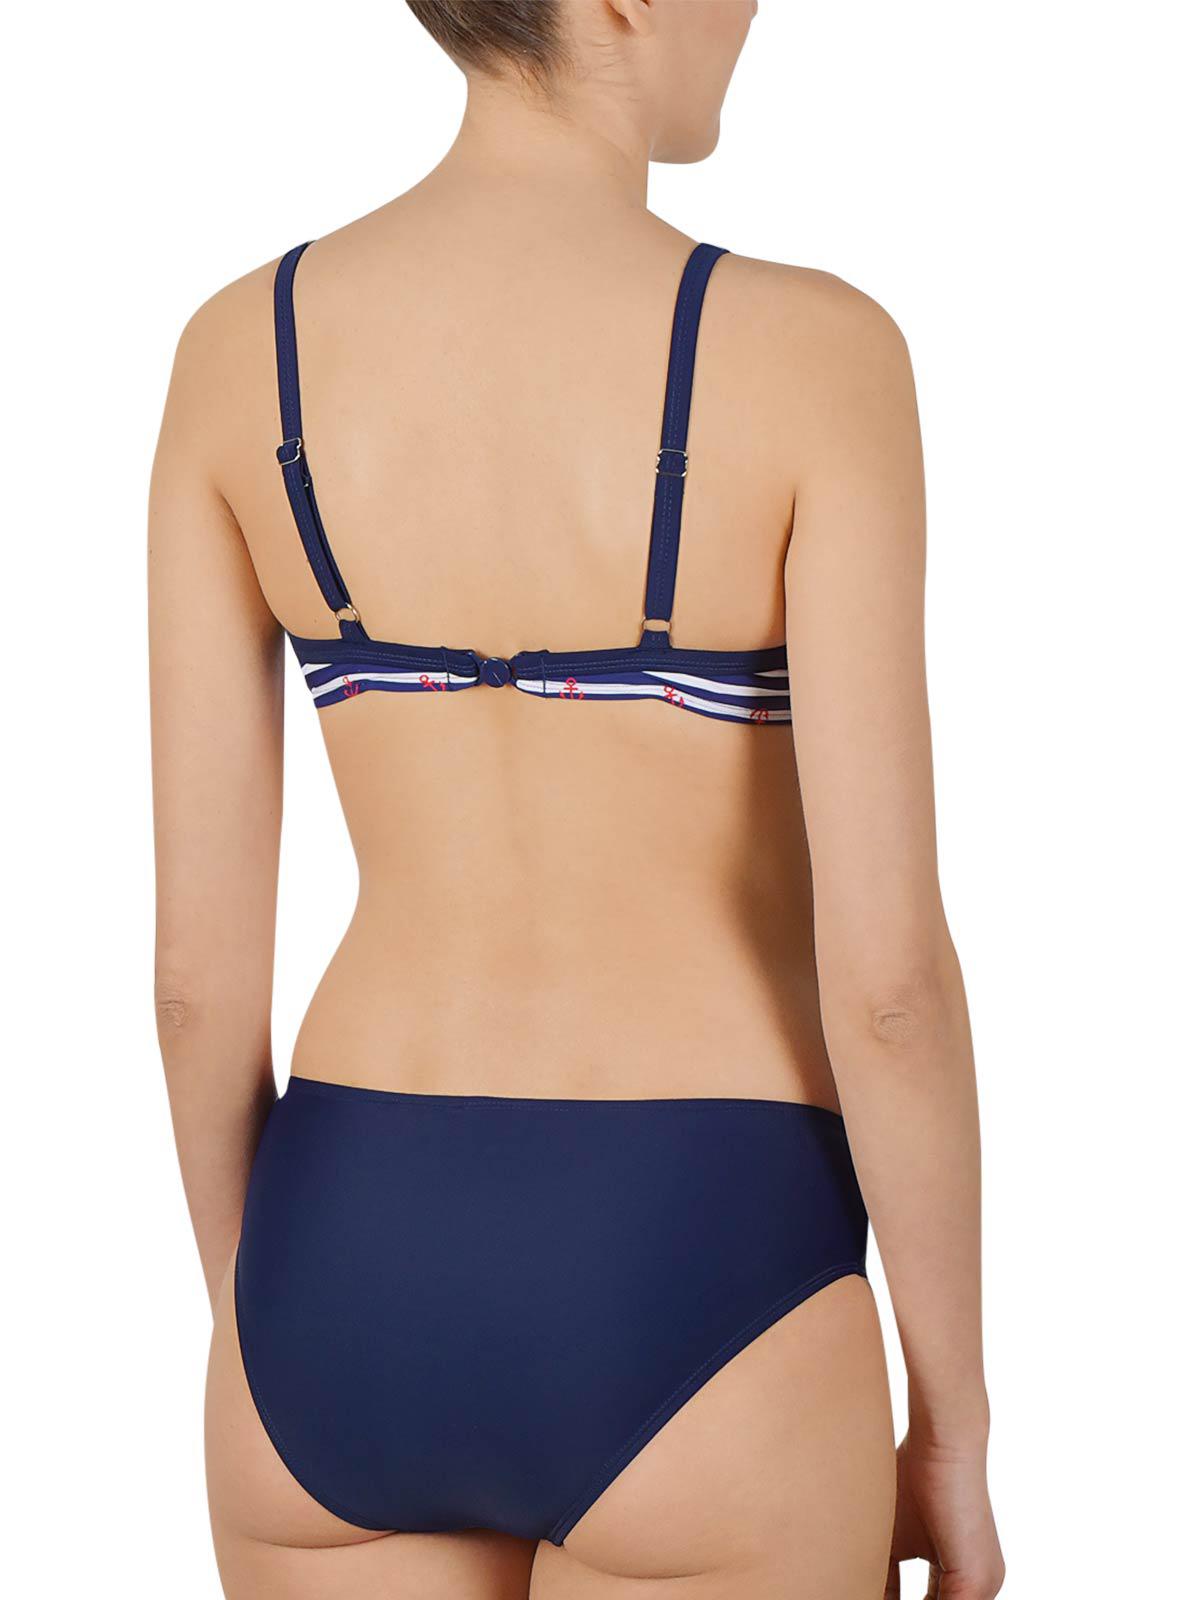 NATURANA Bikini mit Schale 72523 Gr. 36-46 B-D